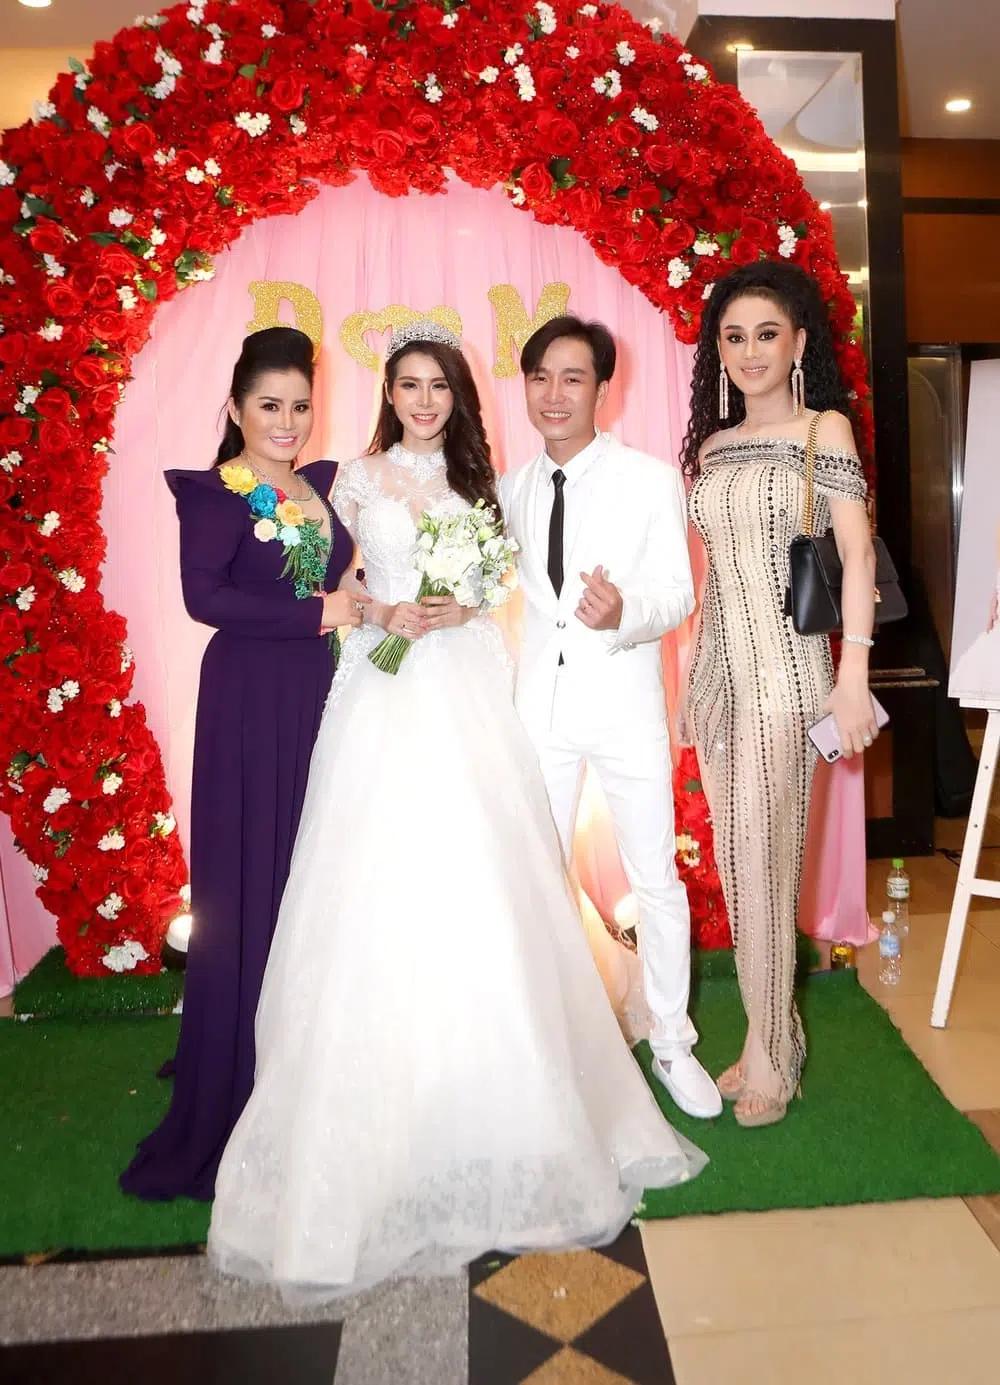 """Đi đám cưới tình cũ, Lâm Khánh Chi thay tới 2 bộ váy cắt khoét hiểm hóc, thêm đôi cao gót khủng nhưng xém chút thì """"vồ ếch"""" - Ảnh 8."""